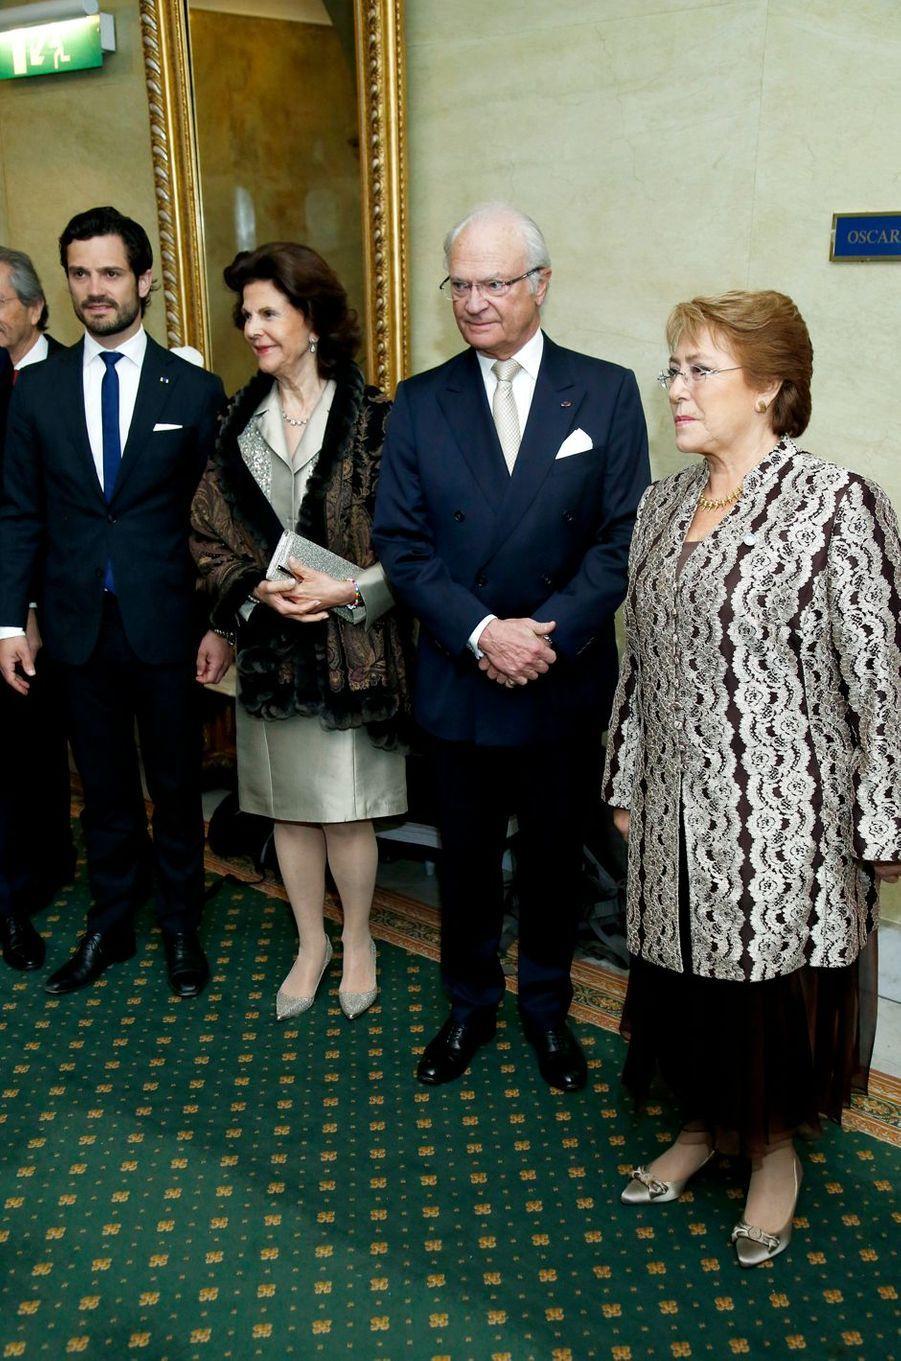 La reine Silvia et le roi Carl XVI Gustaf de Suède avec le prince Carl Philip et Michelle Bachelet à Stockholm, le 11 mai 2016